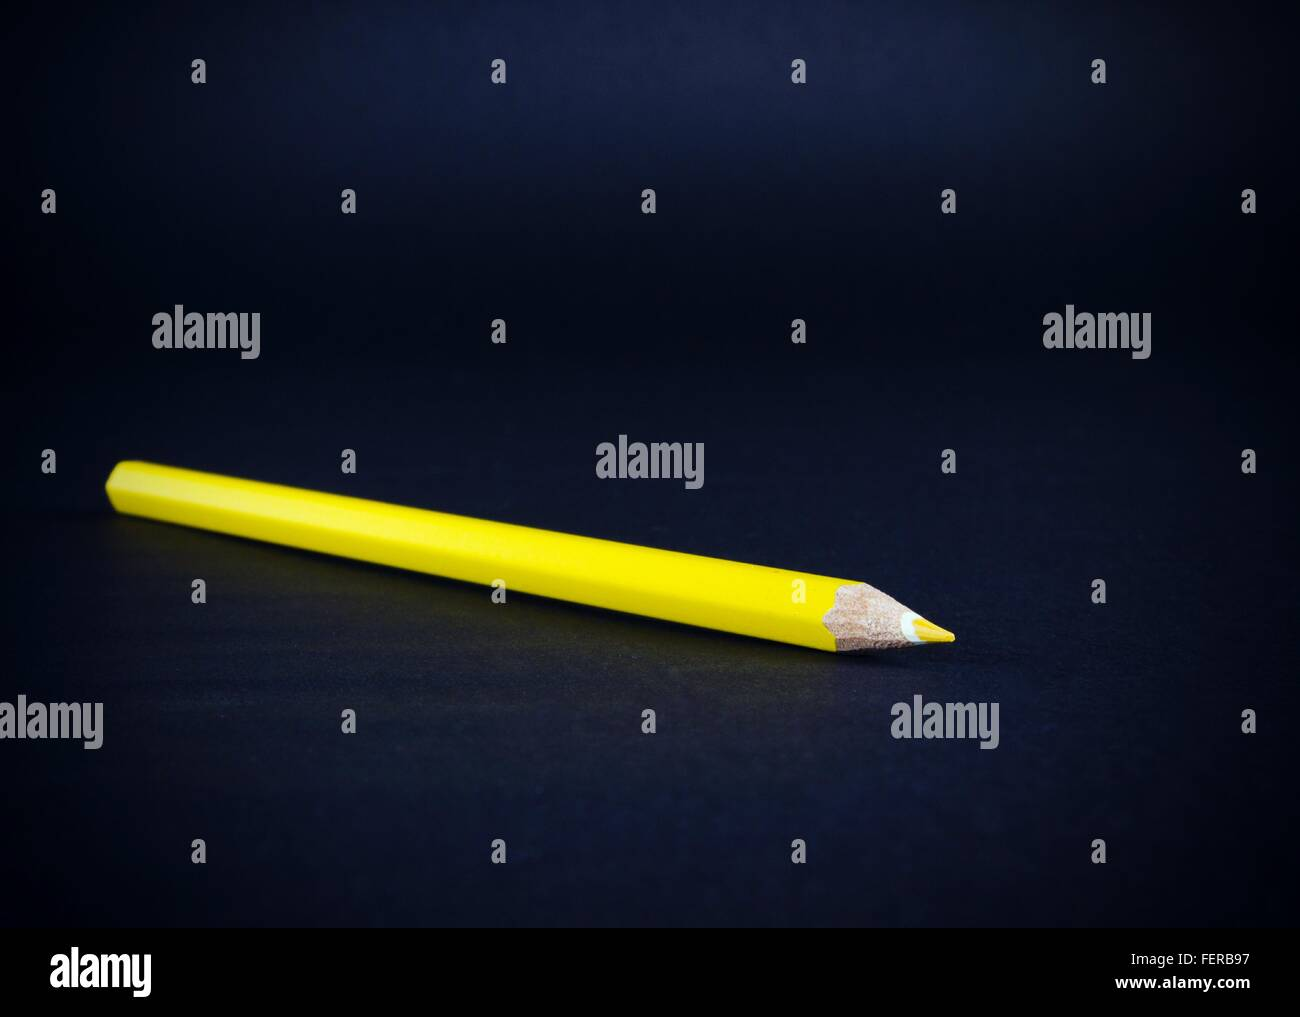 Crayon de couleur jaune sur fond noir Photo Stock